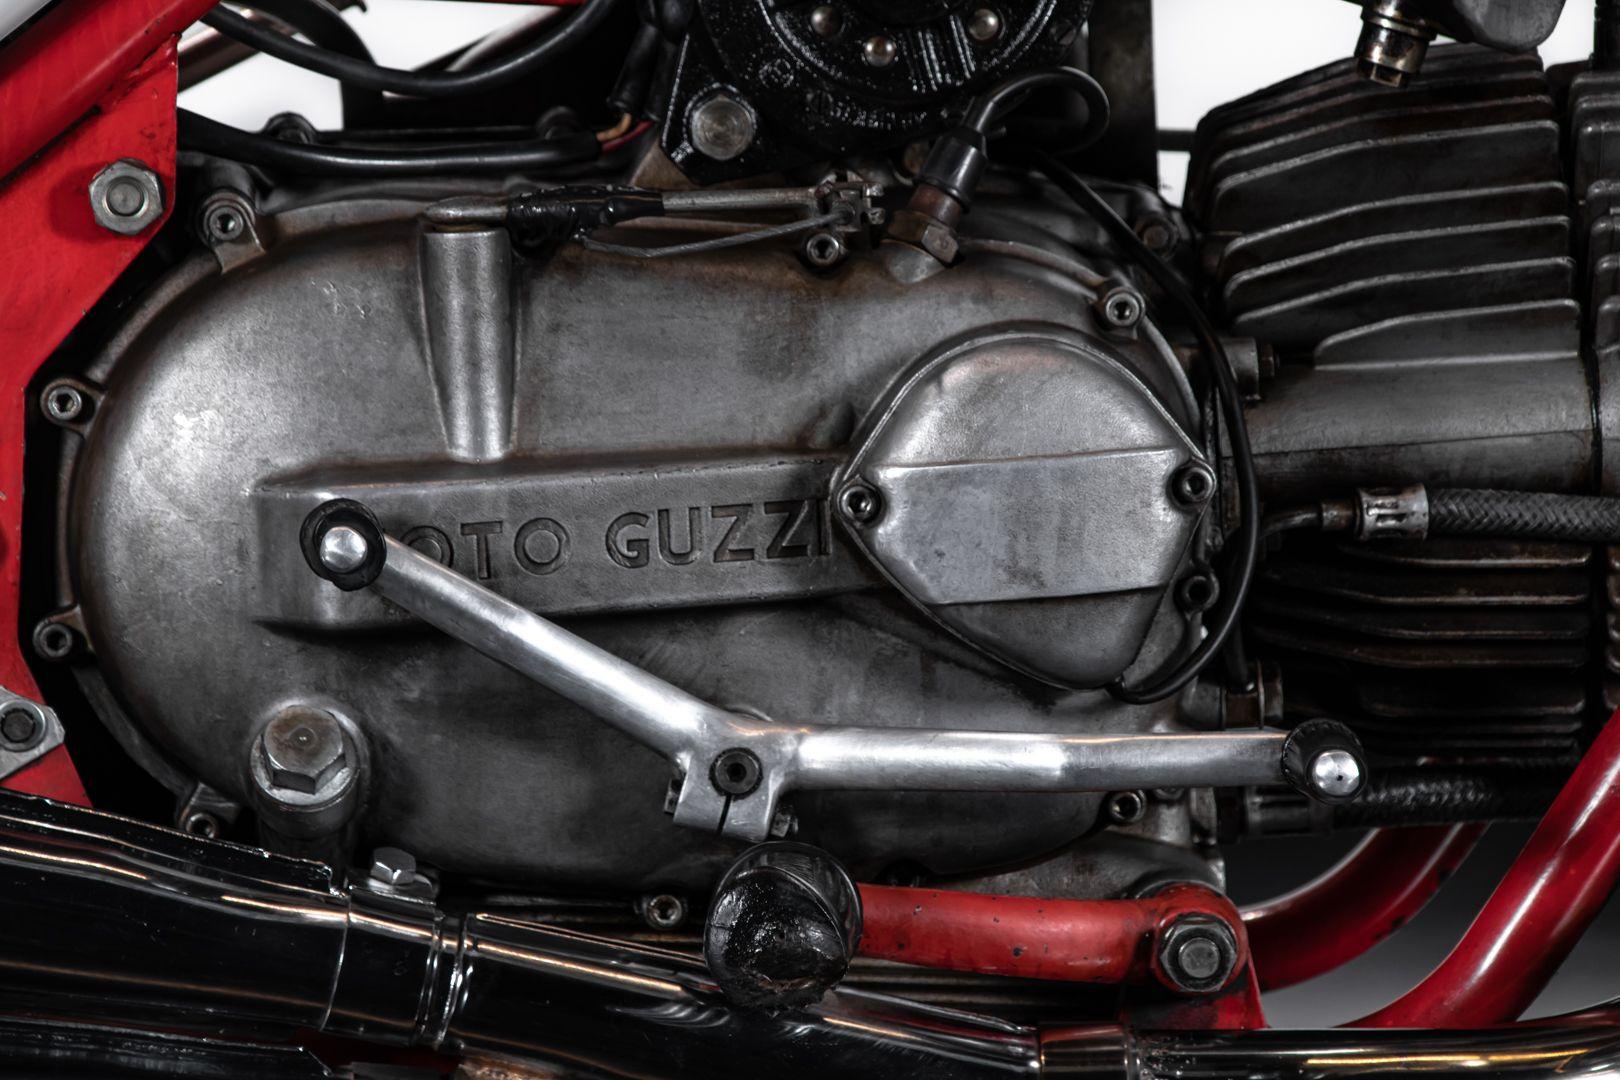 1972 Moto Guzzi Falcone 78943